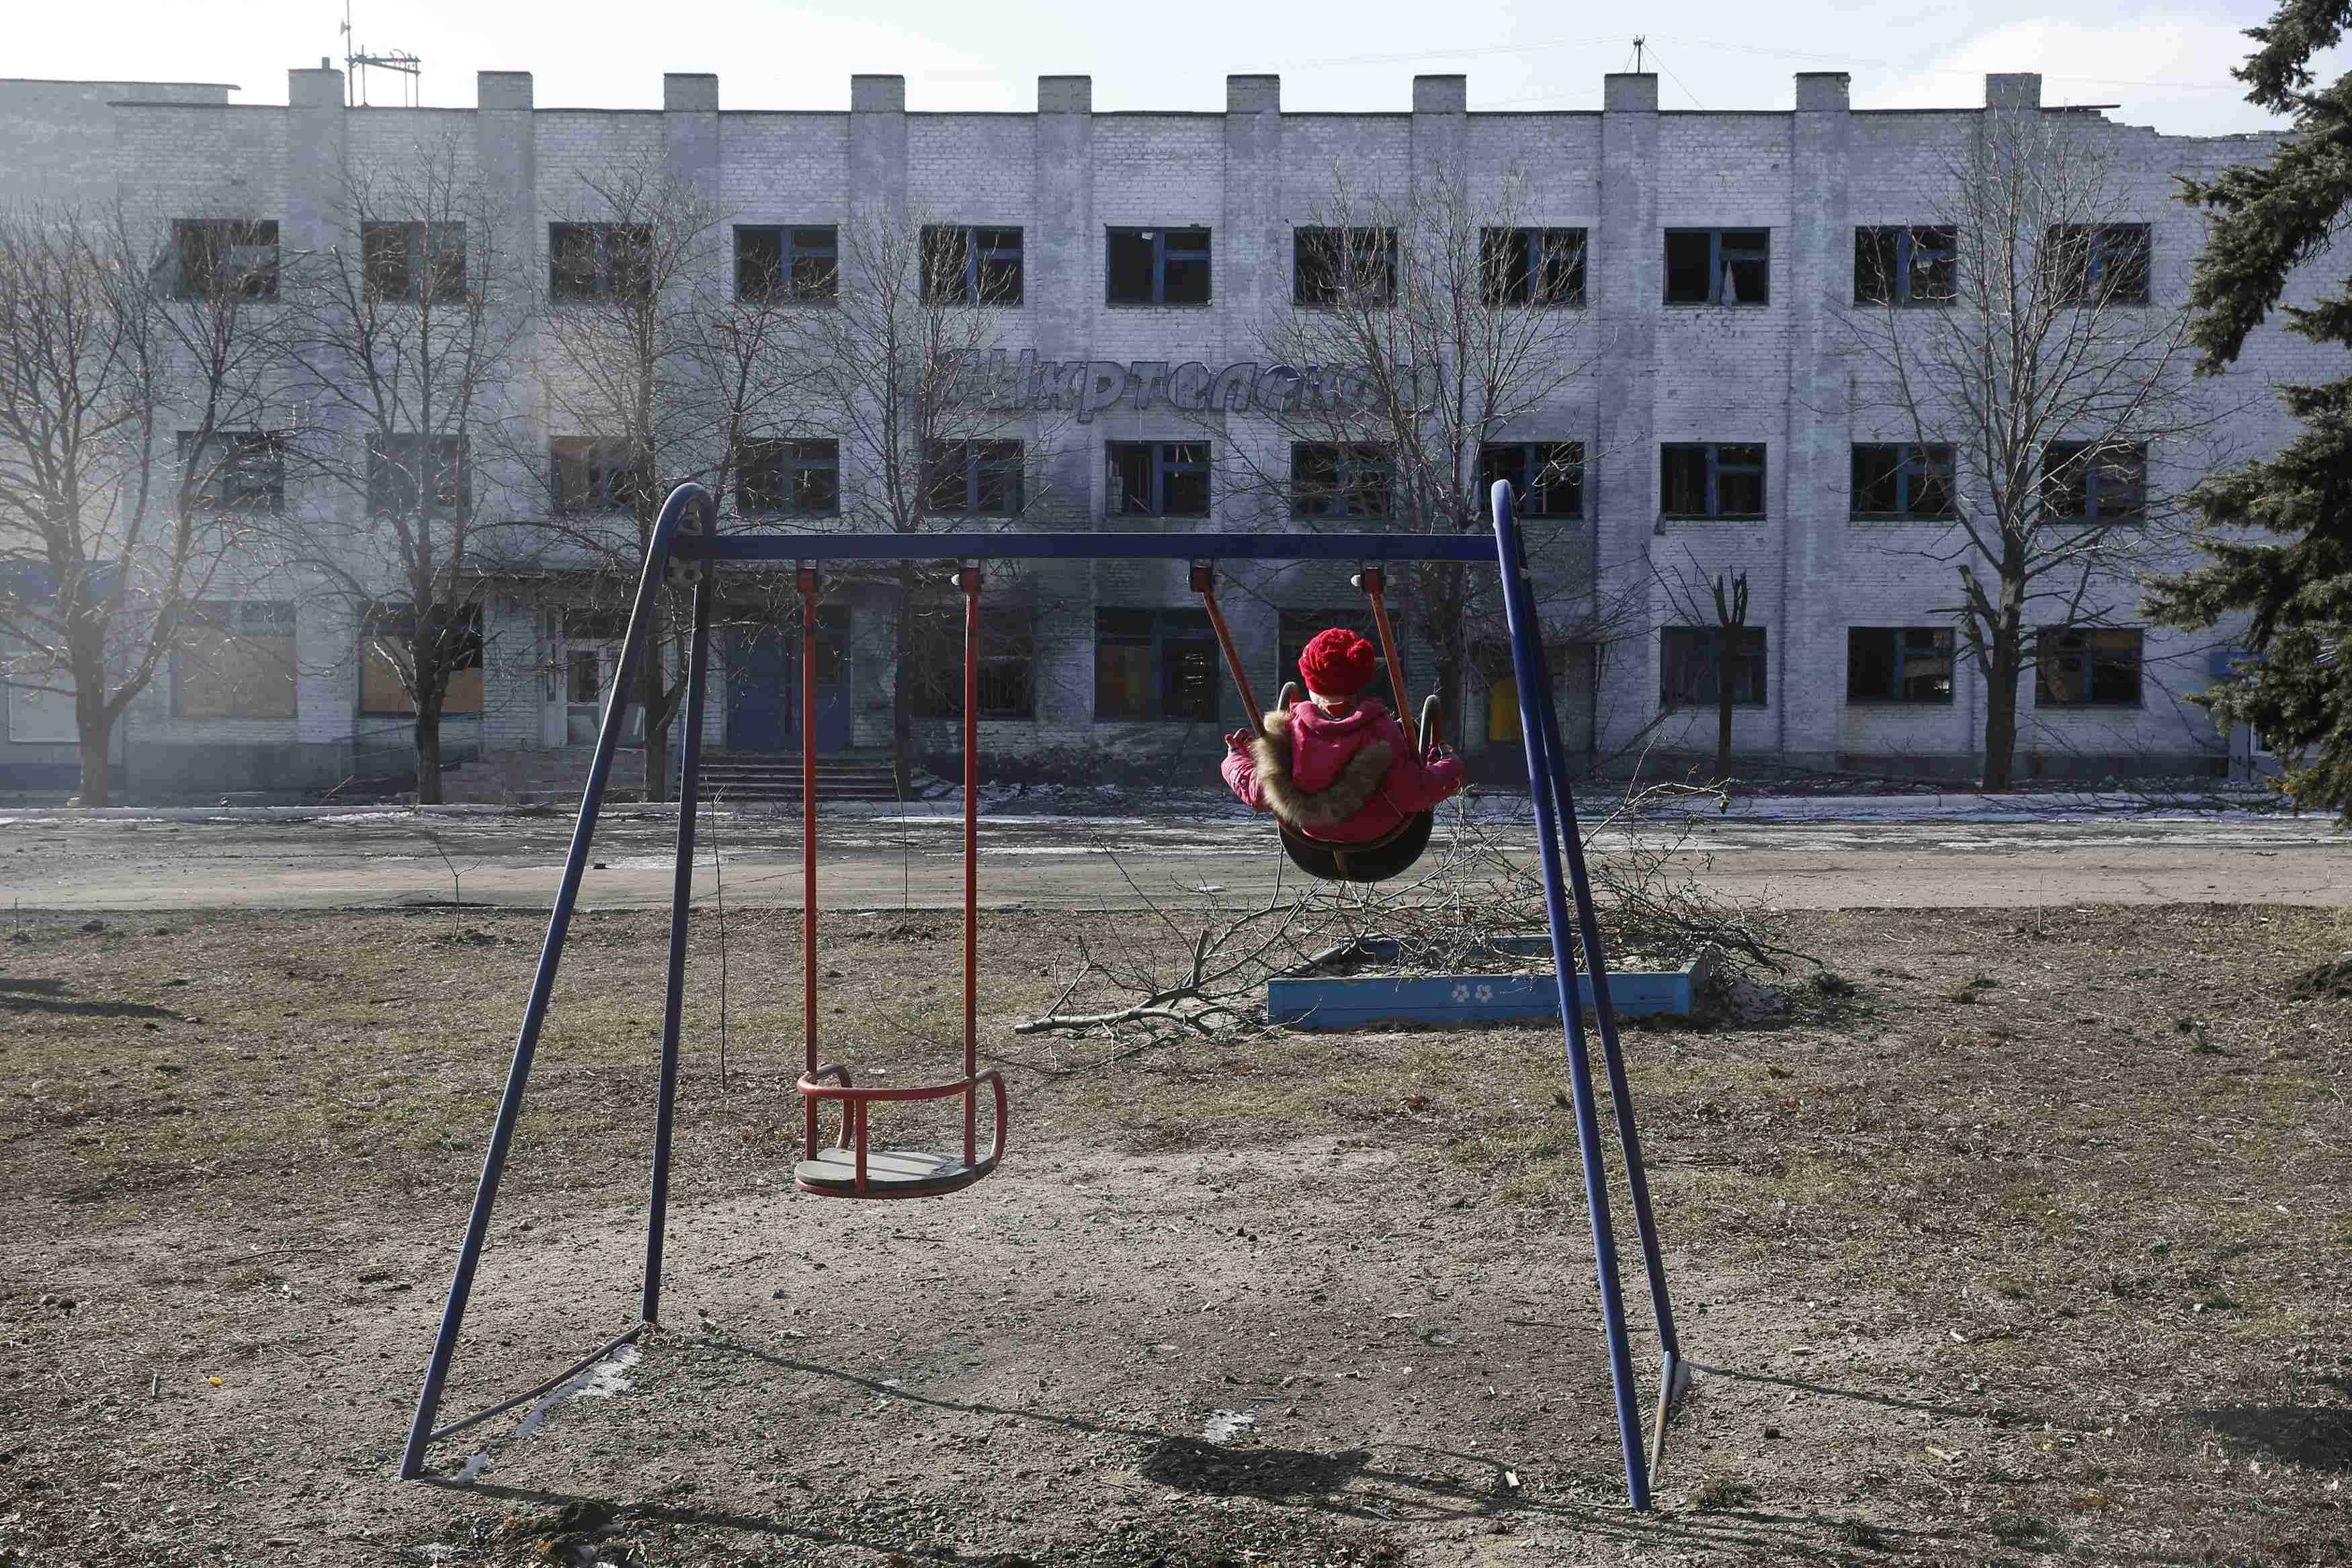 Реалии оккупации: девочка на детской площадке